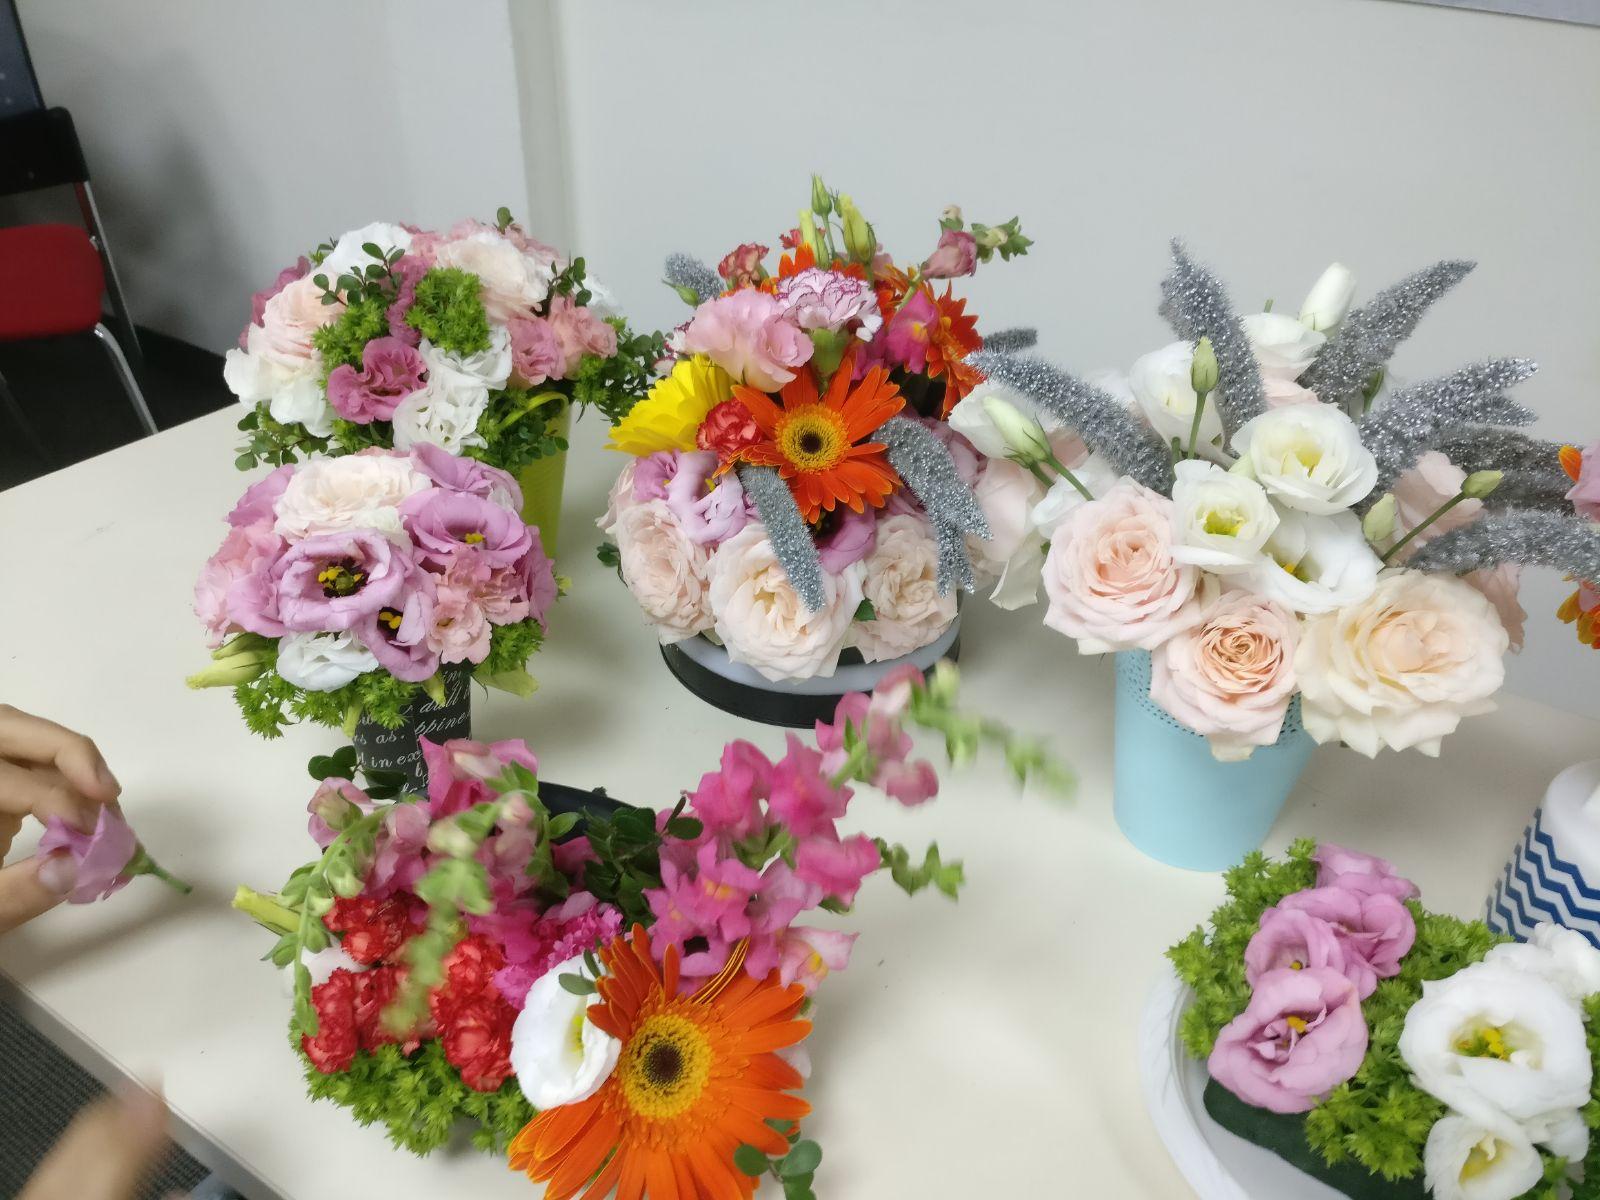 שיעור שזירת פרחים - קורס ניהול והפקת אירועים מחזור 20